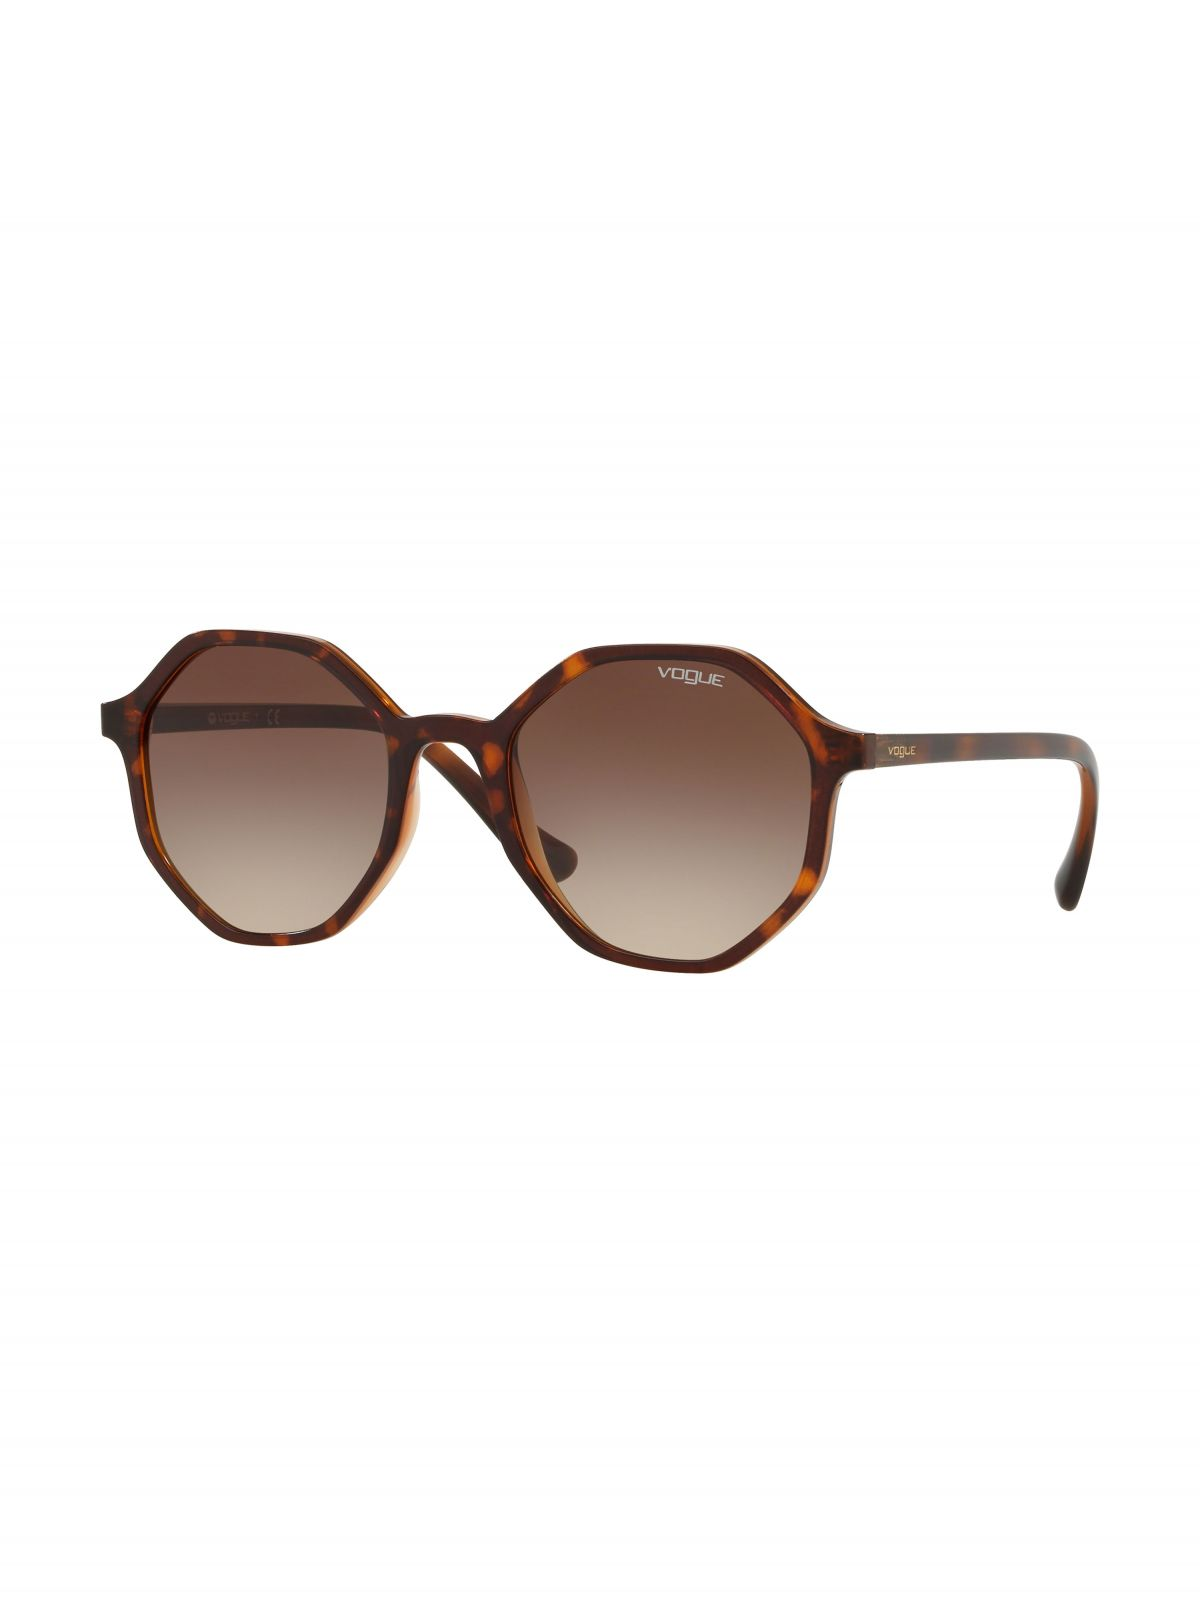 משקפי שמש מתומנים עם מסגרת פלסטיקמשקפי שמש מתומנים עם מסגרת פלסטיק של vogue eyewear